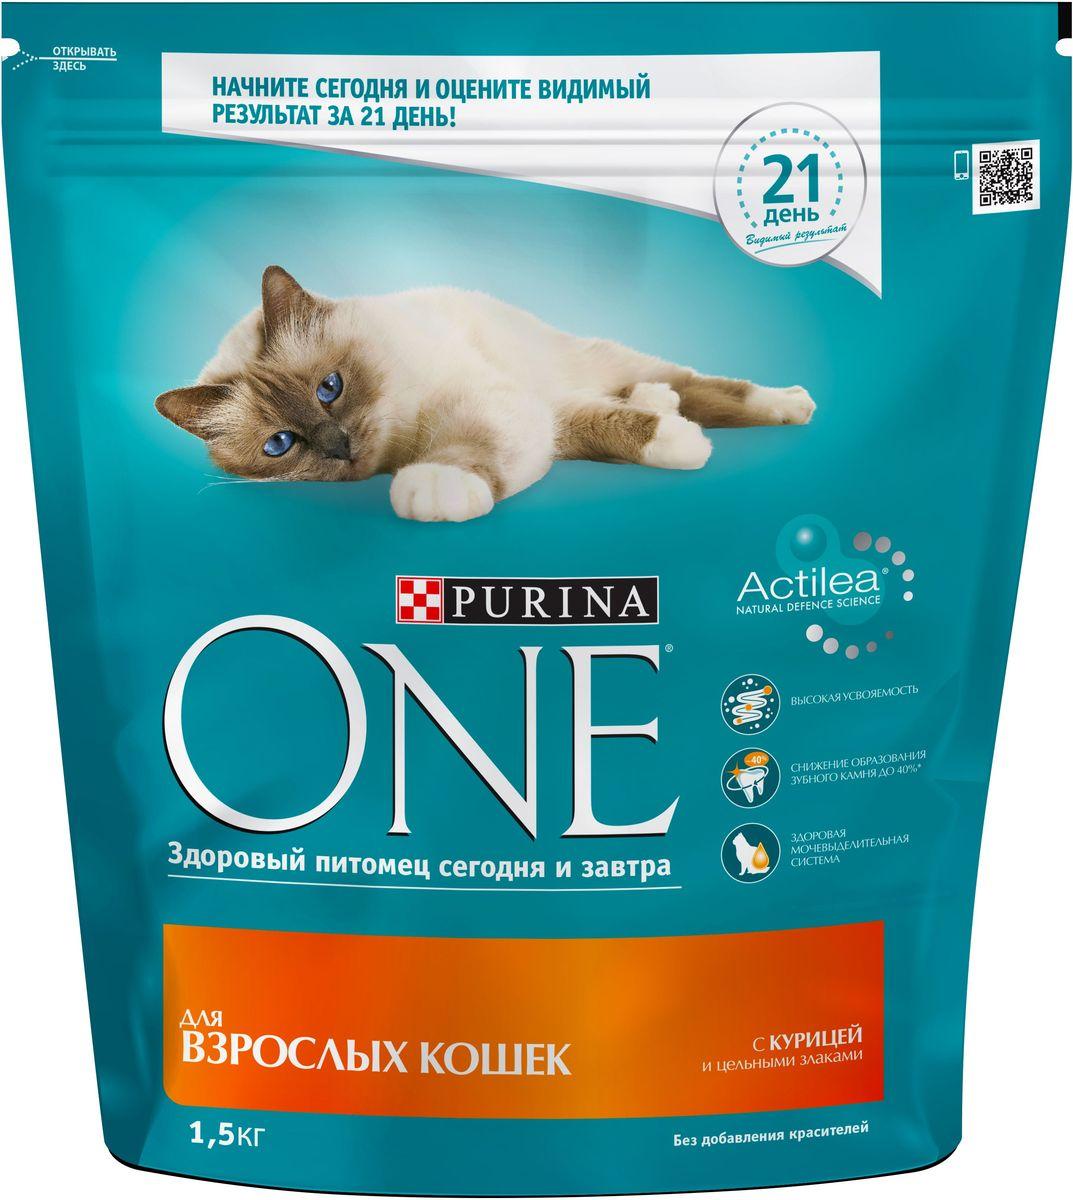 Корм сухой Purina One Adult для взрослых кошек, с курицей и цельным злаками, 1,5 кг64090Корм для взрослых кошек (старше 1 года) Purina ONE с курицей и злаками идеально подходит для домашних питомцев, за счет своего сбалансированного состава сохраняя и поддерживая их здоровье и хорошее самочувствие.Научными исследованиями доказано благотворное влияние содержащихся в корме Омега 6 жирных кислот и цинка на здоровье кожи и шерсти питомцев. При постоянном включении в рацион домашнего животного сухого корма Purina ONE шерсть кошек становится густой и блестящей, а их кости — крепкими и подвижными, за что, помимо прочего, отвечает витамин D, содержащийся в корме в нужном количестве.Корм для взрослой кошки должен содержать достаточное количество белка, необходимого для активности животных в этом возрасте. Purina ONE с курицей и злаками отвечает и этому показателю, являясь оптимальным выбором для питания всех взрослых кошек.Состав:курица (17%), цельная пшеница (17%), сухой белок домашней птицы, кукуруза, кукурузный глютен, животный жир, кукурузная крупа, высушенный корень цикория (2%), пшеничный глютен, минеральные вещества, кормовая вкусоароматическая добавка, дрожжи (1%), рыбий жир, витамины.Добавленные вещества:МЕ/кг: витамин А: 33 000; витамин D3: 1 000; витамин E: 690;мг/кг: витамин С: 140; таурин: 700; железо: 225; йод: 2,9; медь: 45; марганец: 94; цинк: 380; селен: 0,25;C антиокислителями.Гарантируемые показатели:Белок: 34,0%, жир: 14,0%, сырая зола: 7,5%, сырая клетчатка: 2,0%, омега-6 жирные кислоты: 2,0%.Товар сертифицирован.